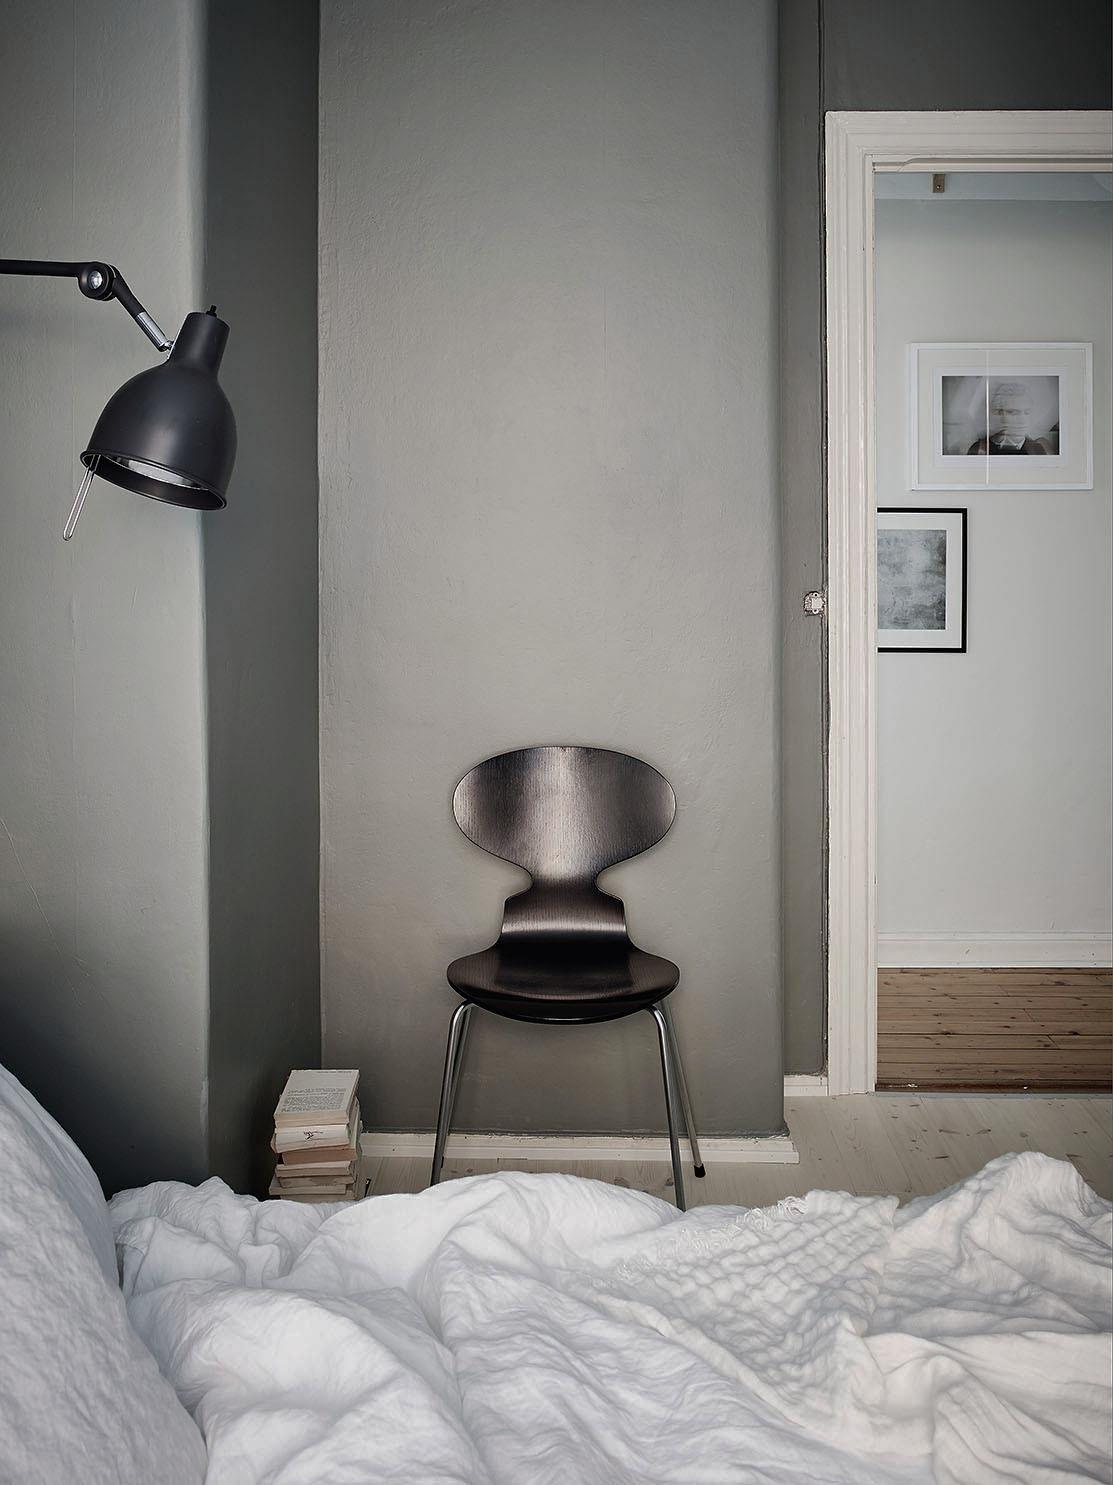 Slaapkamer met matte donkergrijze kalkverf | Slaapkamer ideeën